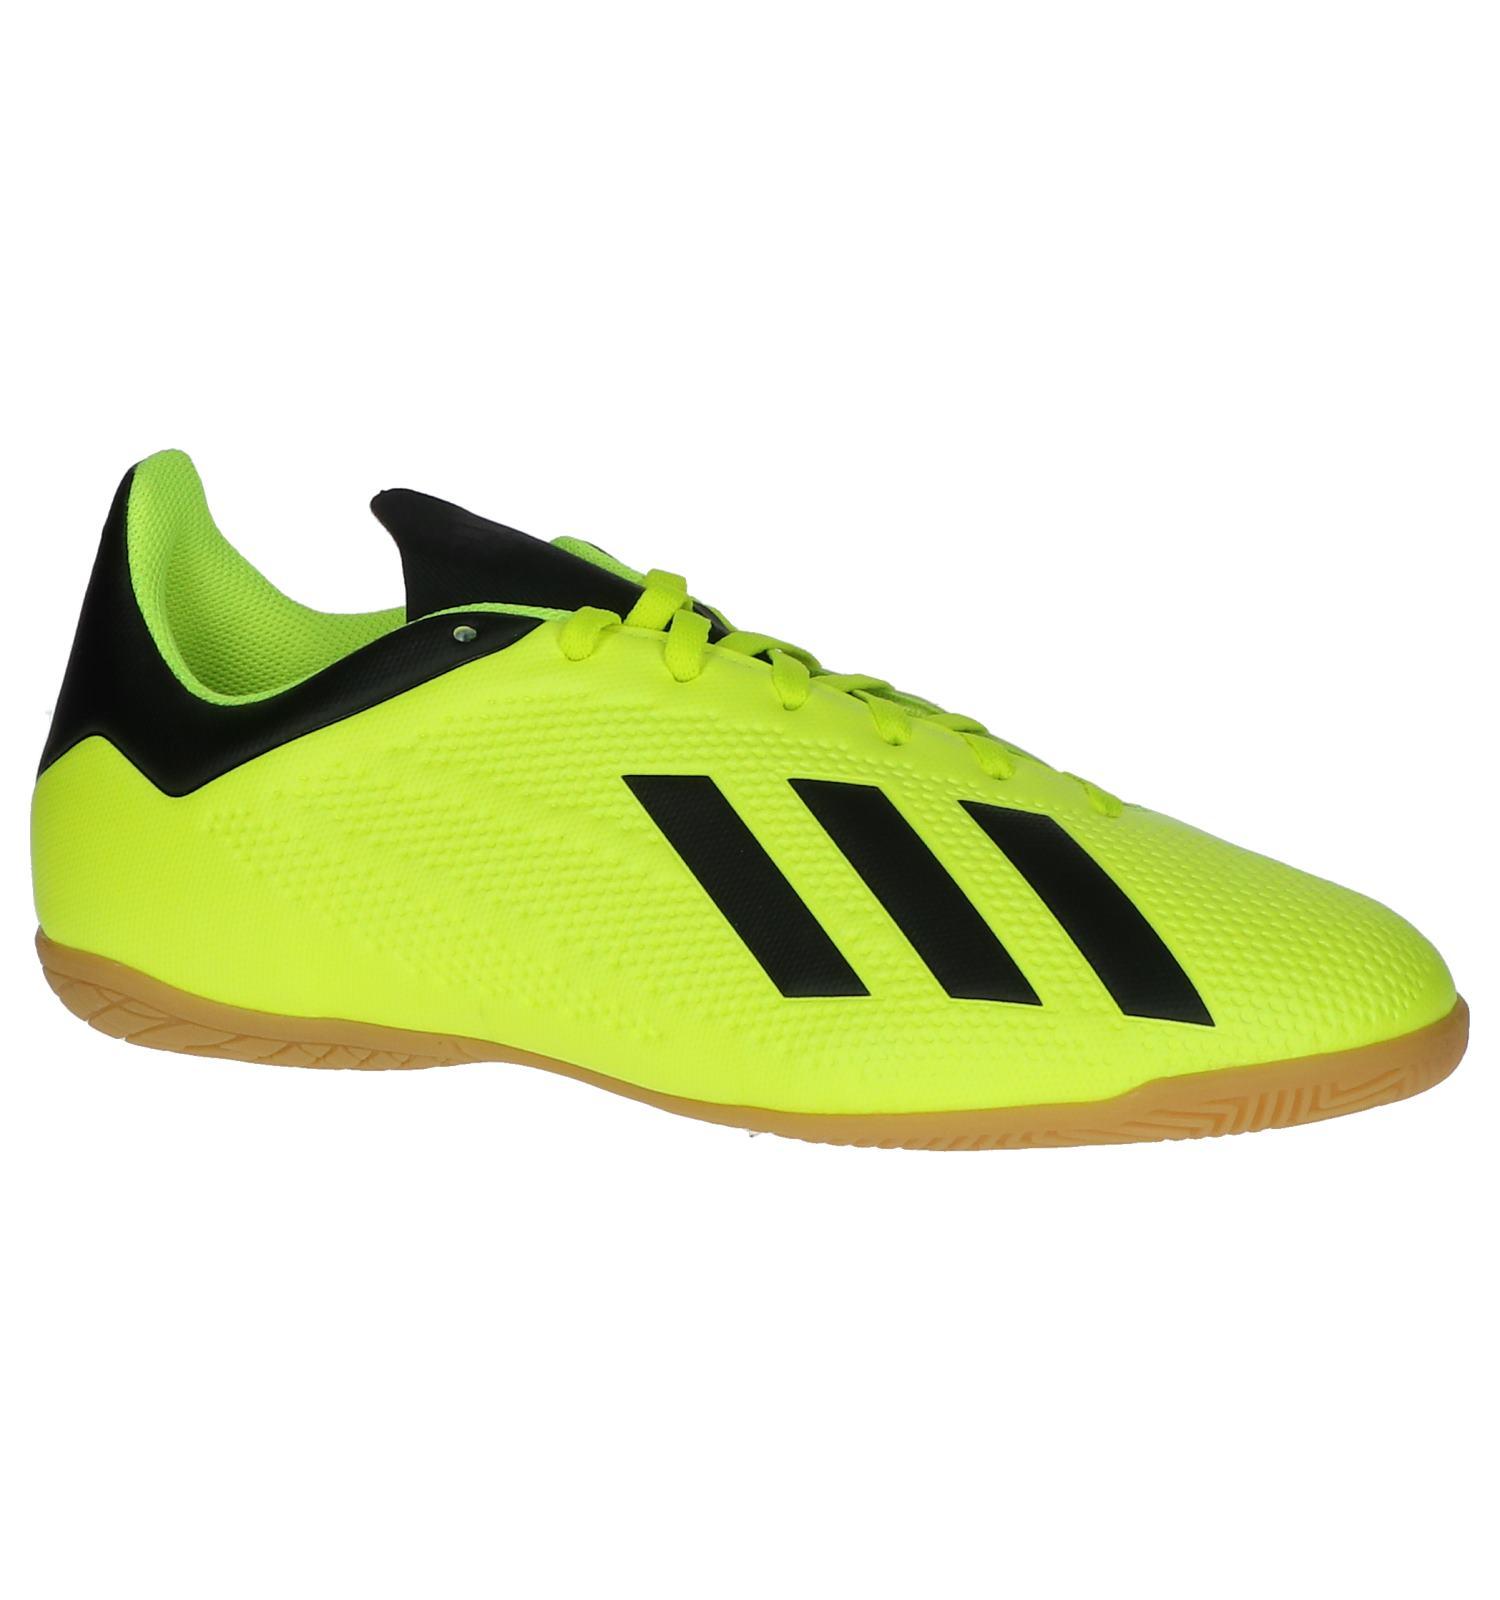 Adidas Chaussures X Gratuits be Tango De Et Retour Foot En JauneTorfs Fluo Livraison WIeEDYH92